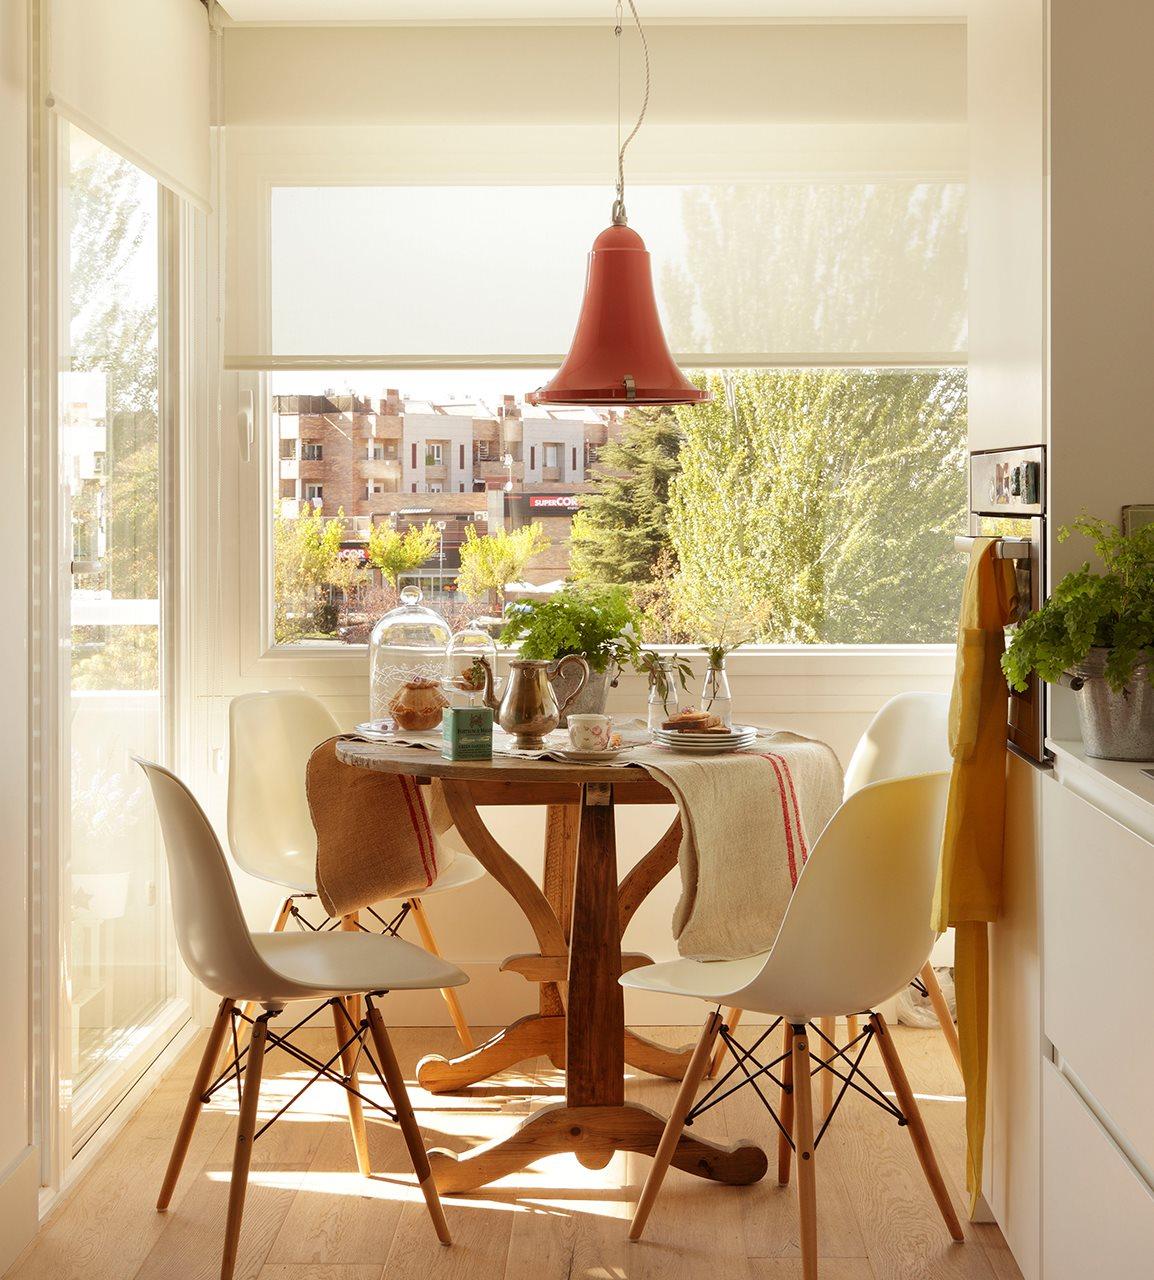 C mo aprovechar el espacio en cocinas peque as for Cocina office pequena